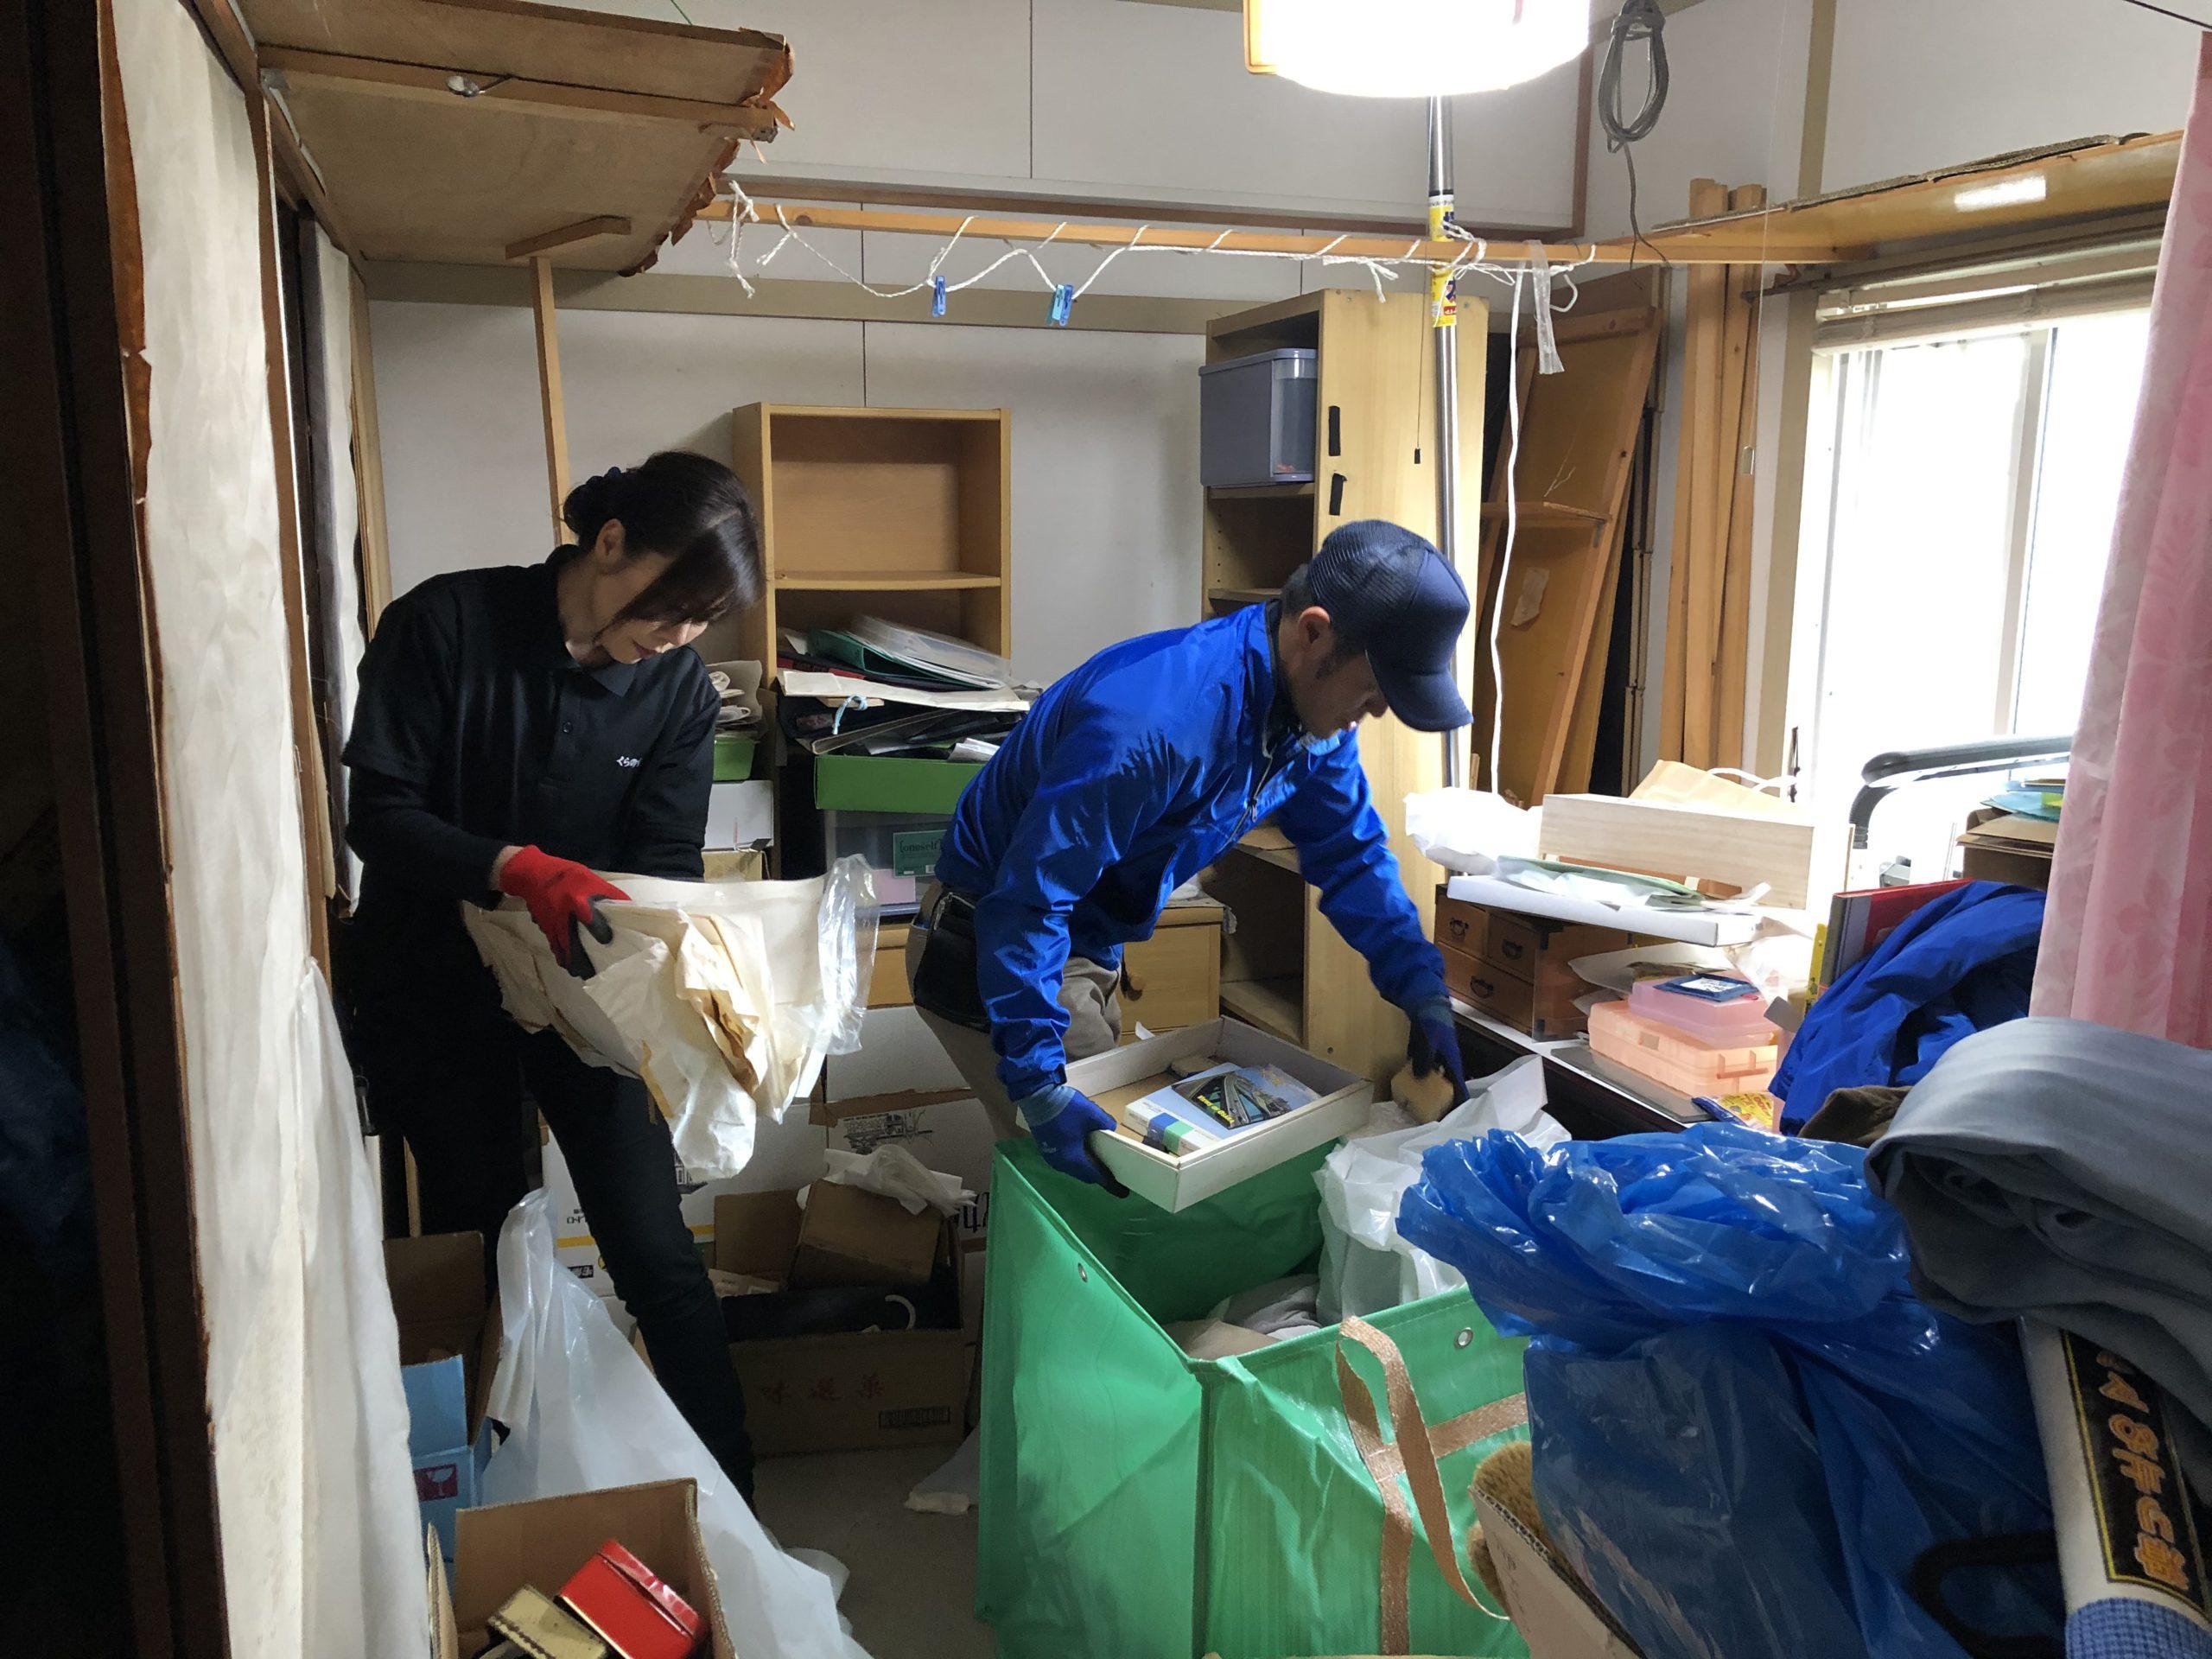 大阪市大正区の遺品整理 | くらのすけ